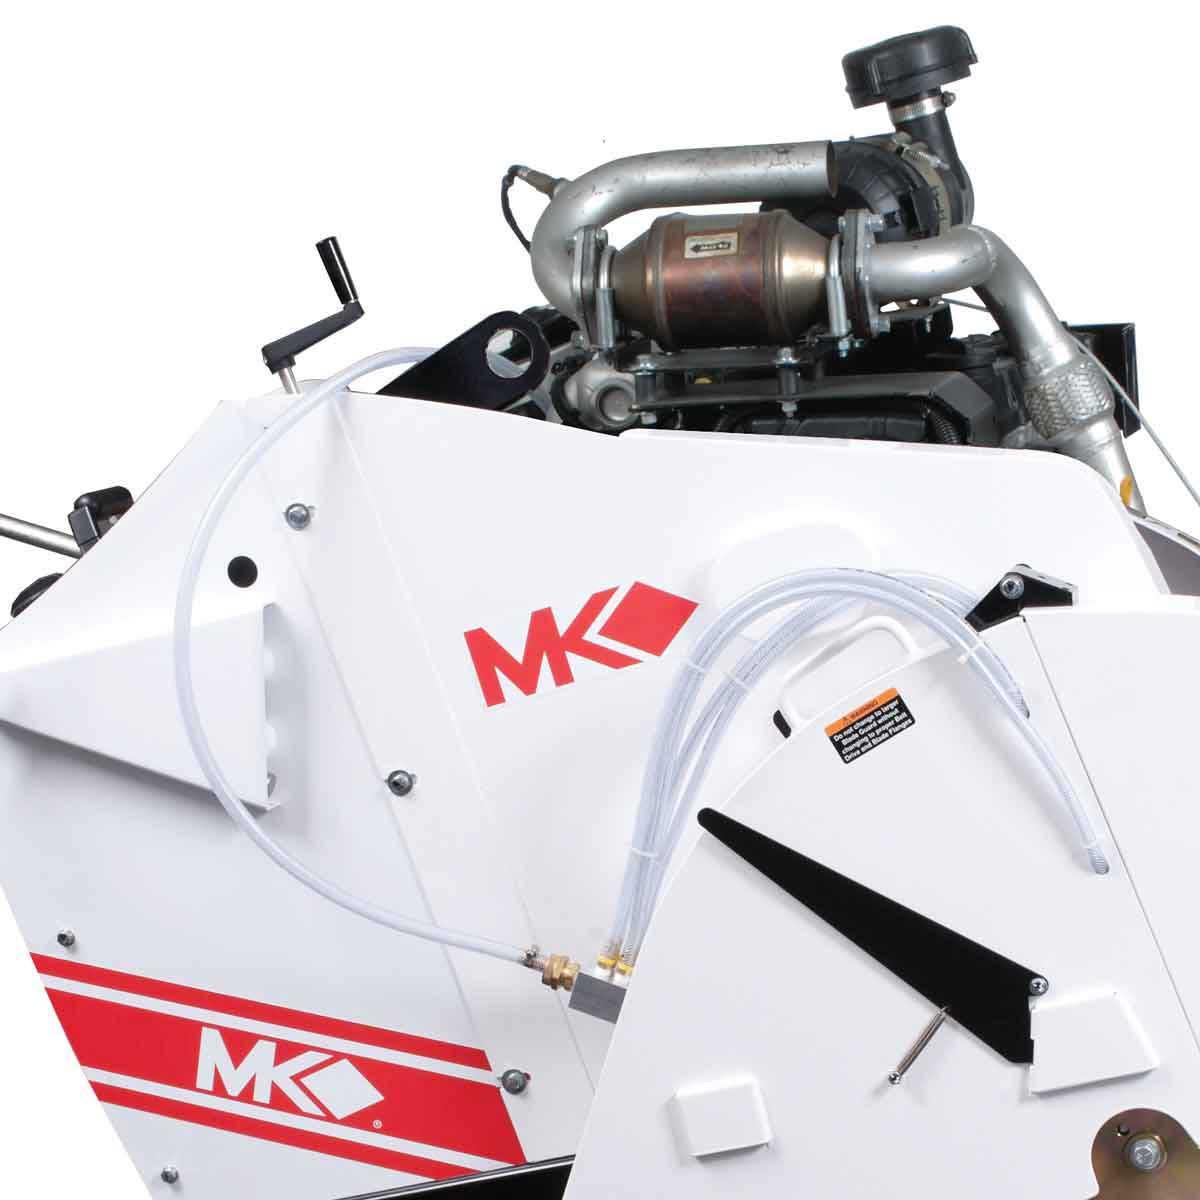 MK 4000 Concrete Saw motor